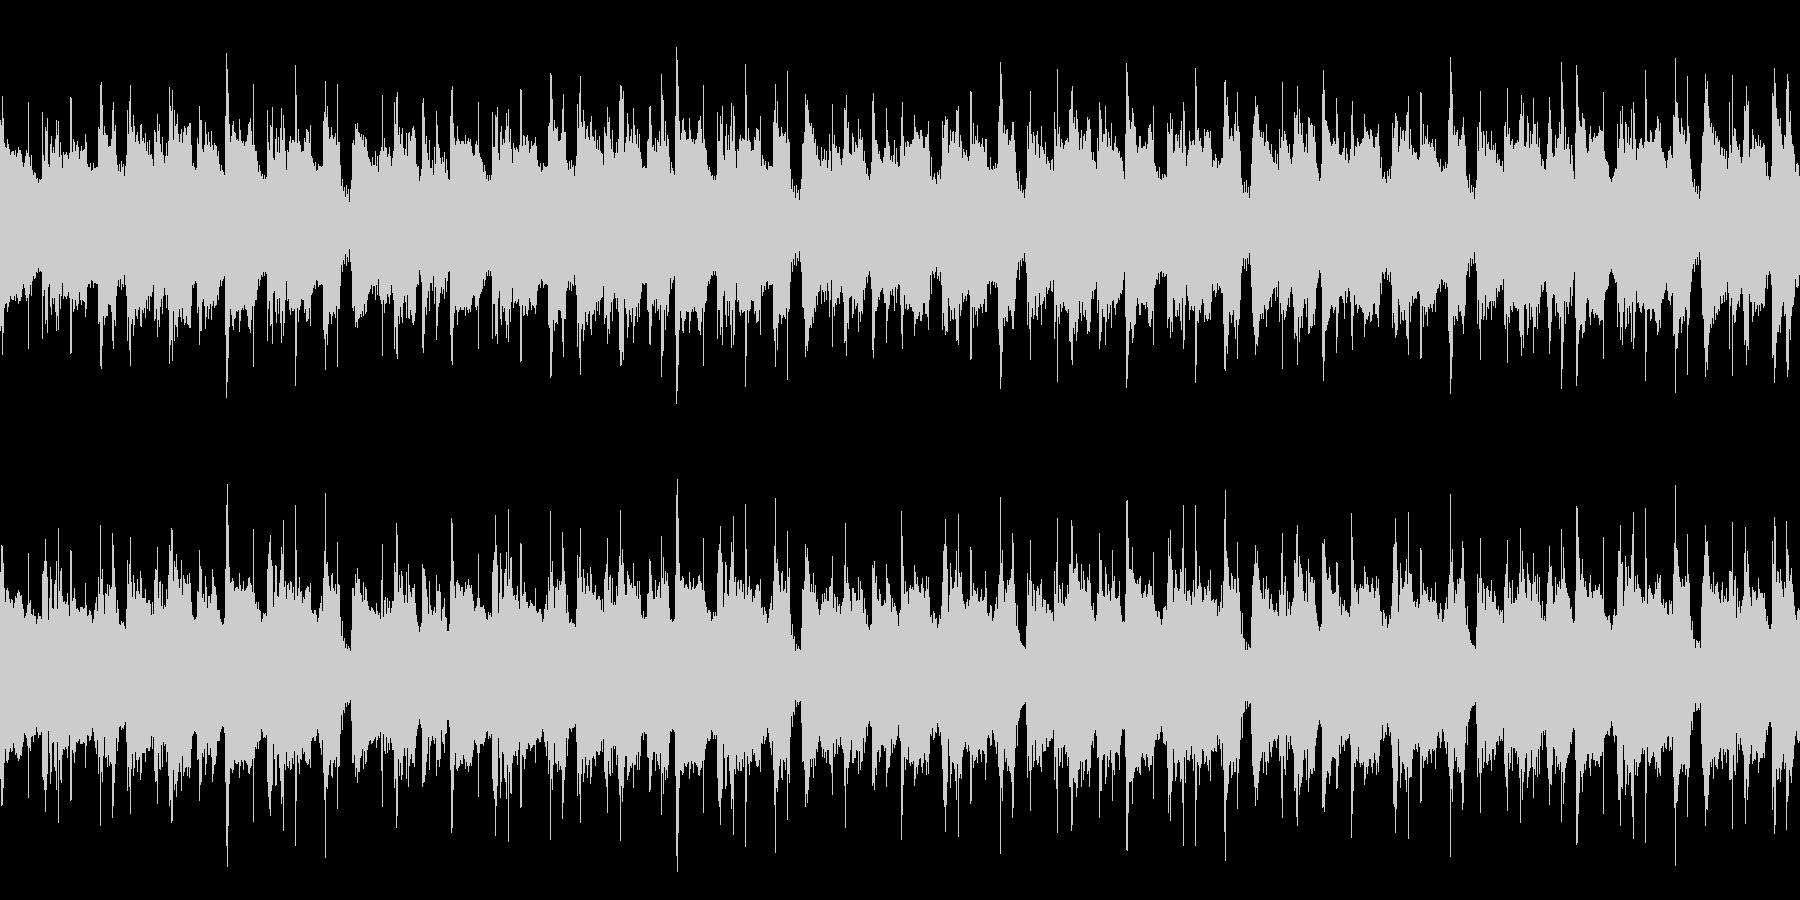 あたたかい雰囲気の日常感あるボサノバの未再生の波形